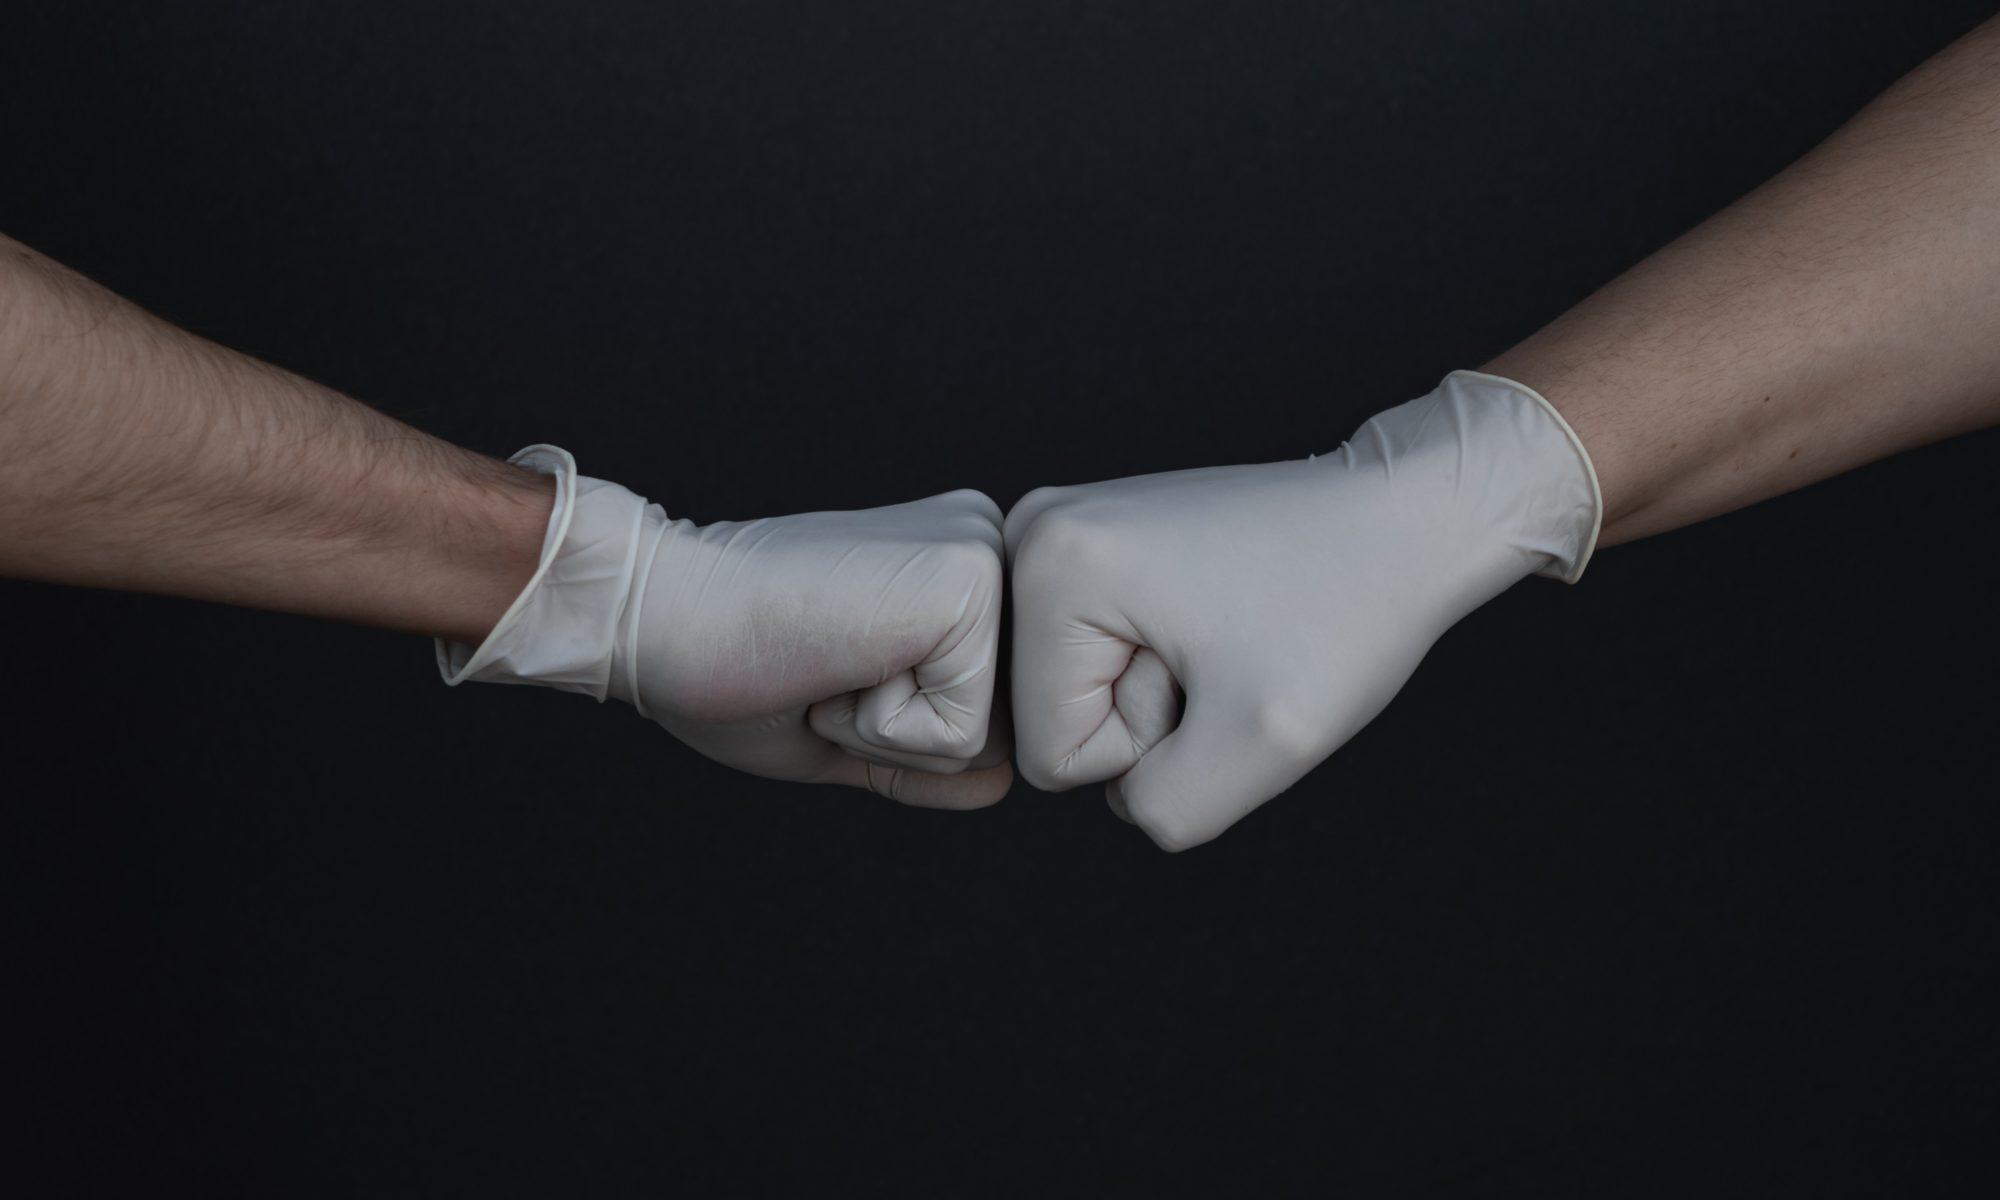 Zwei Hände ein Latexhandschuhen